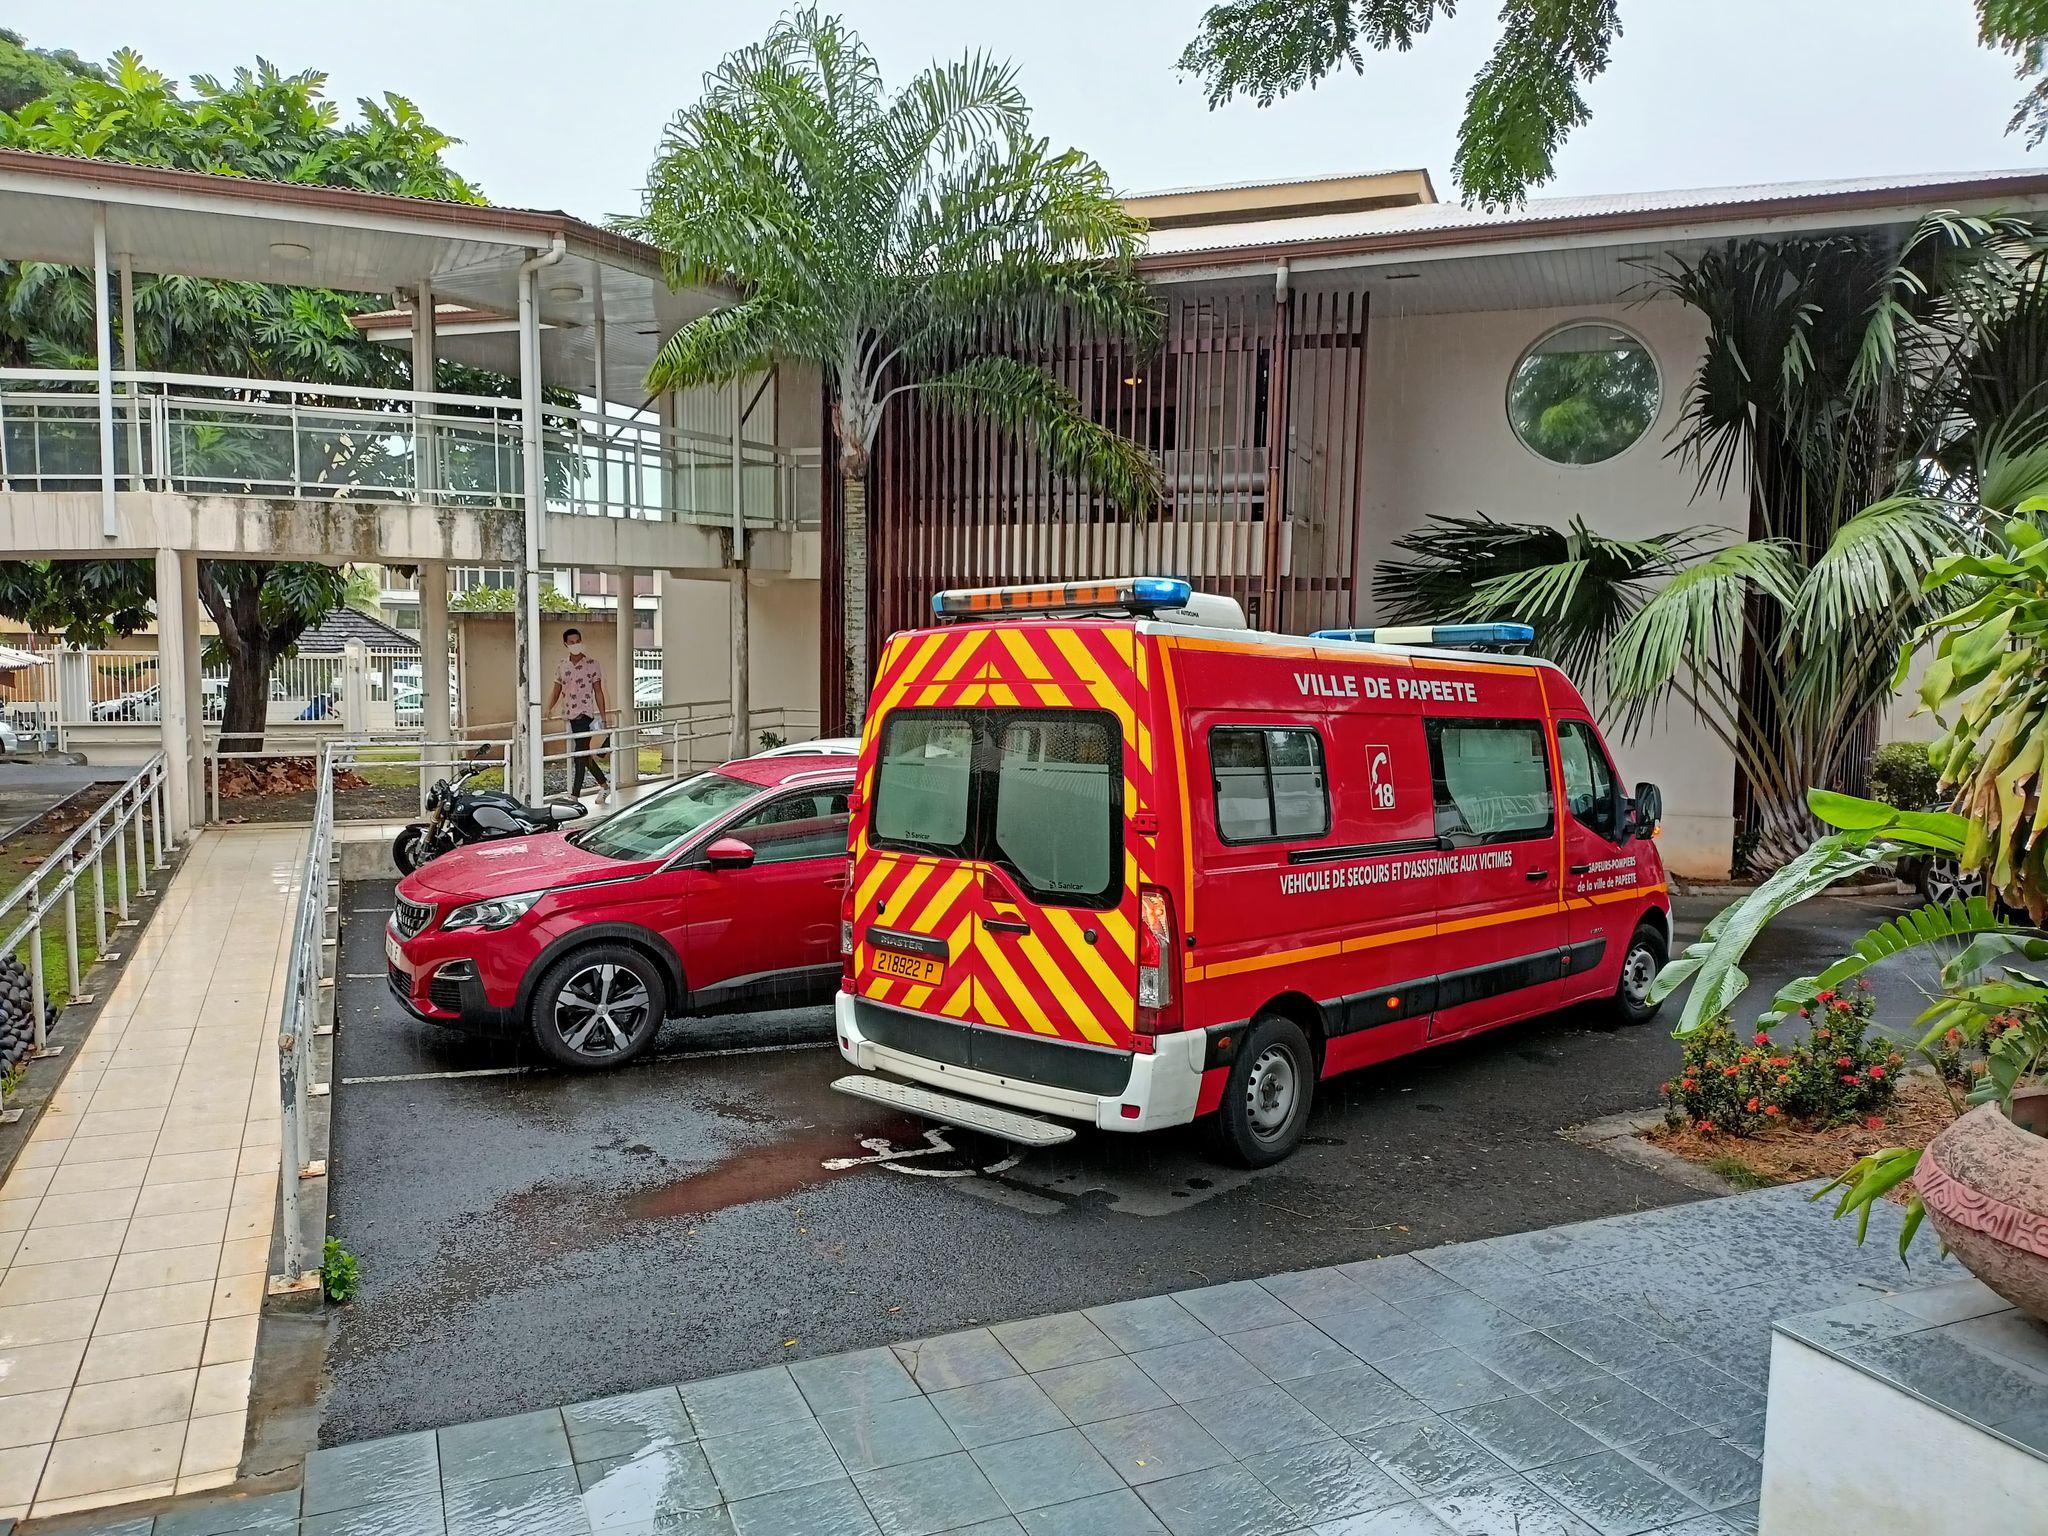 Les pompiers ont pris en charge le magistrat © Valentin Guelet